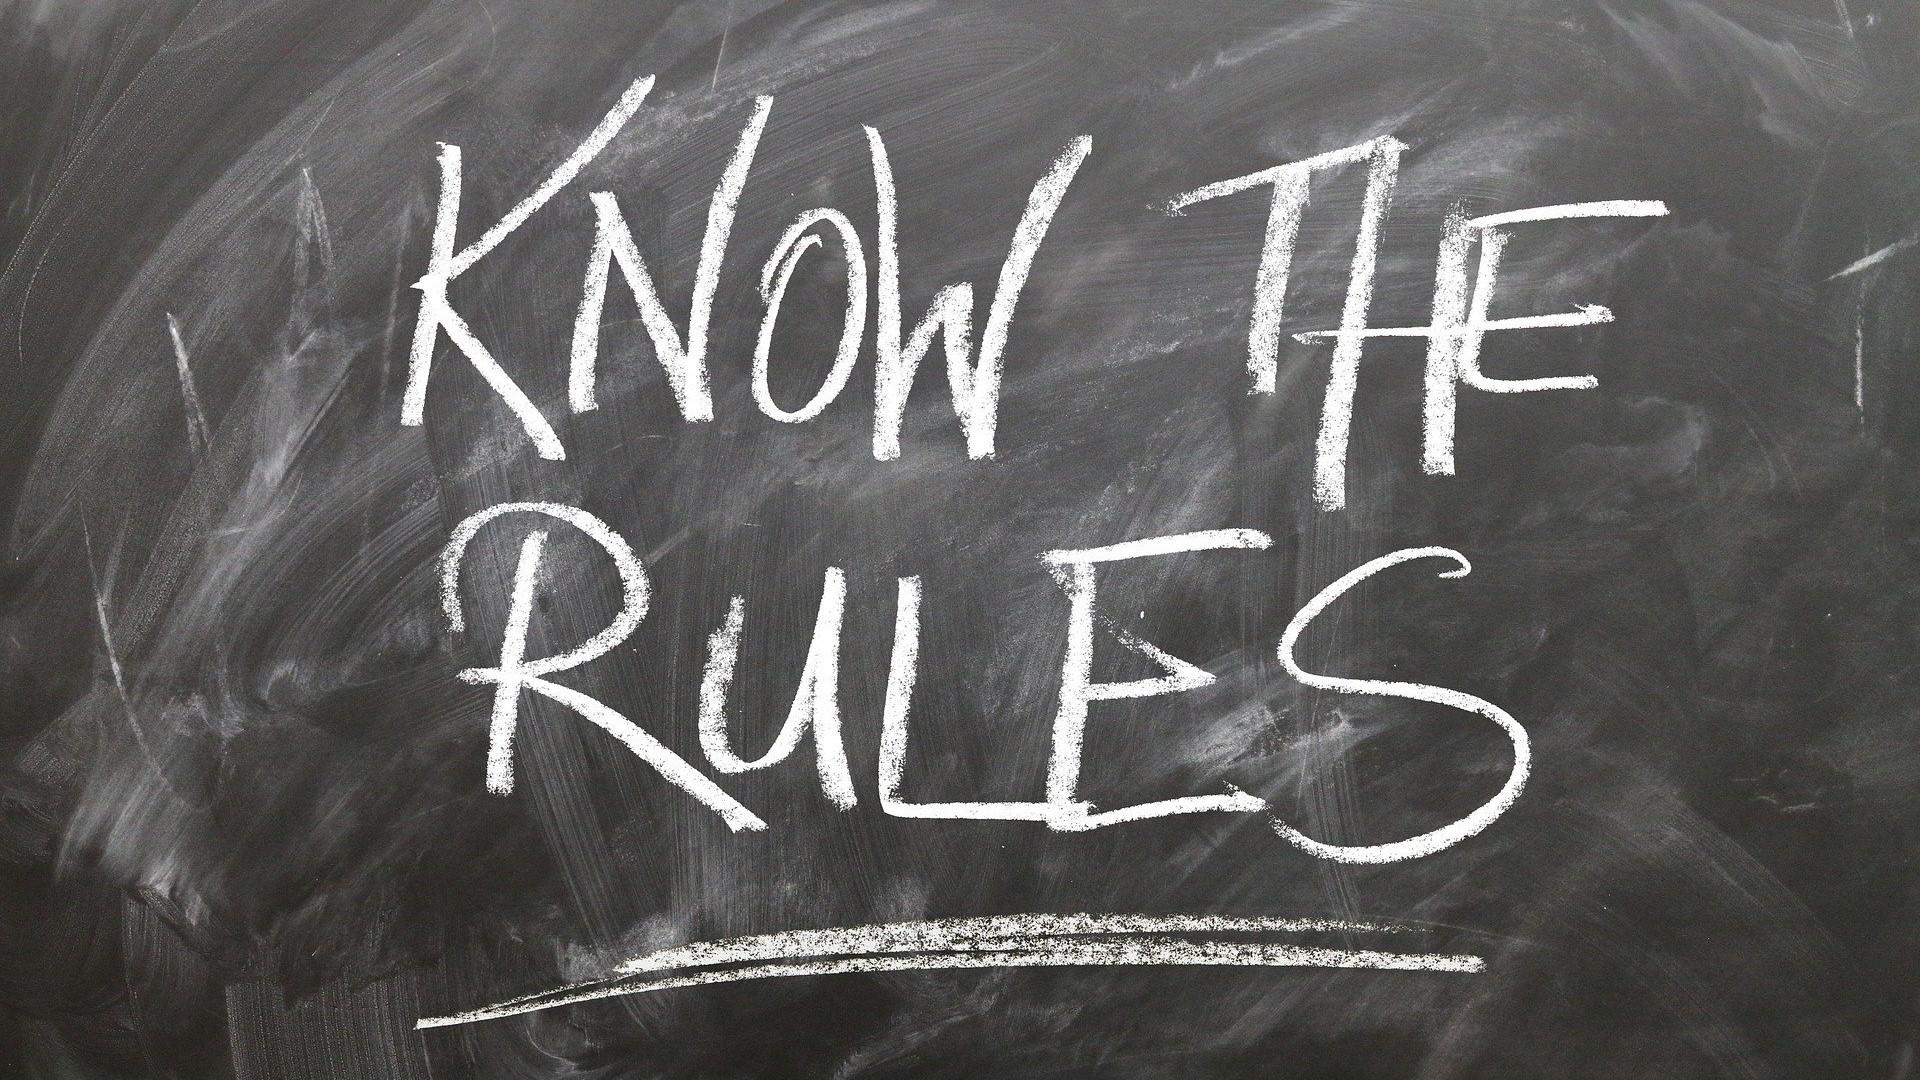 Napis poznaj zasady pisany kredą na czarnej tablicy